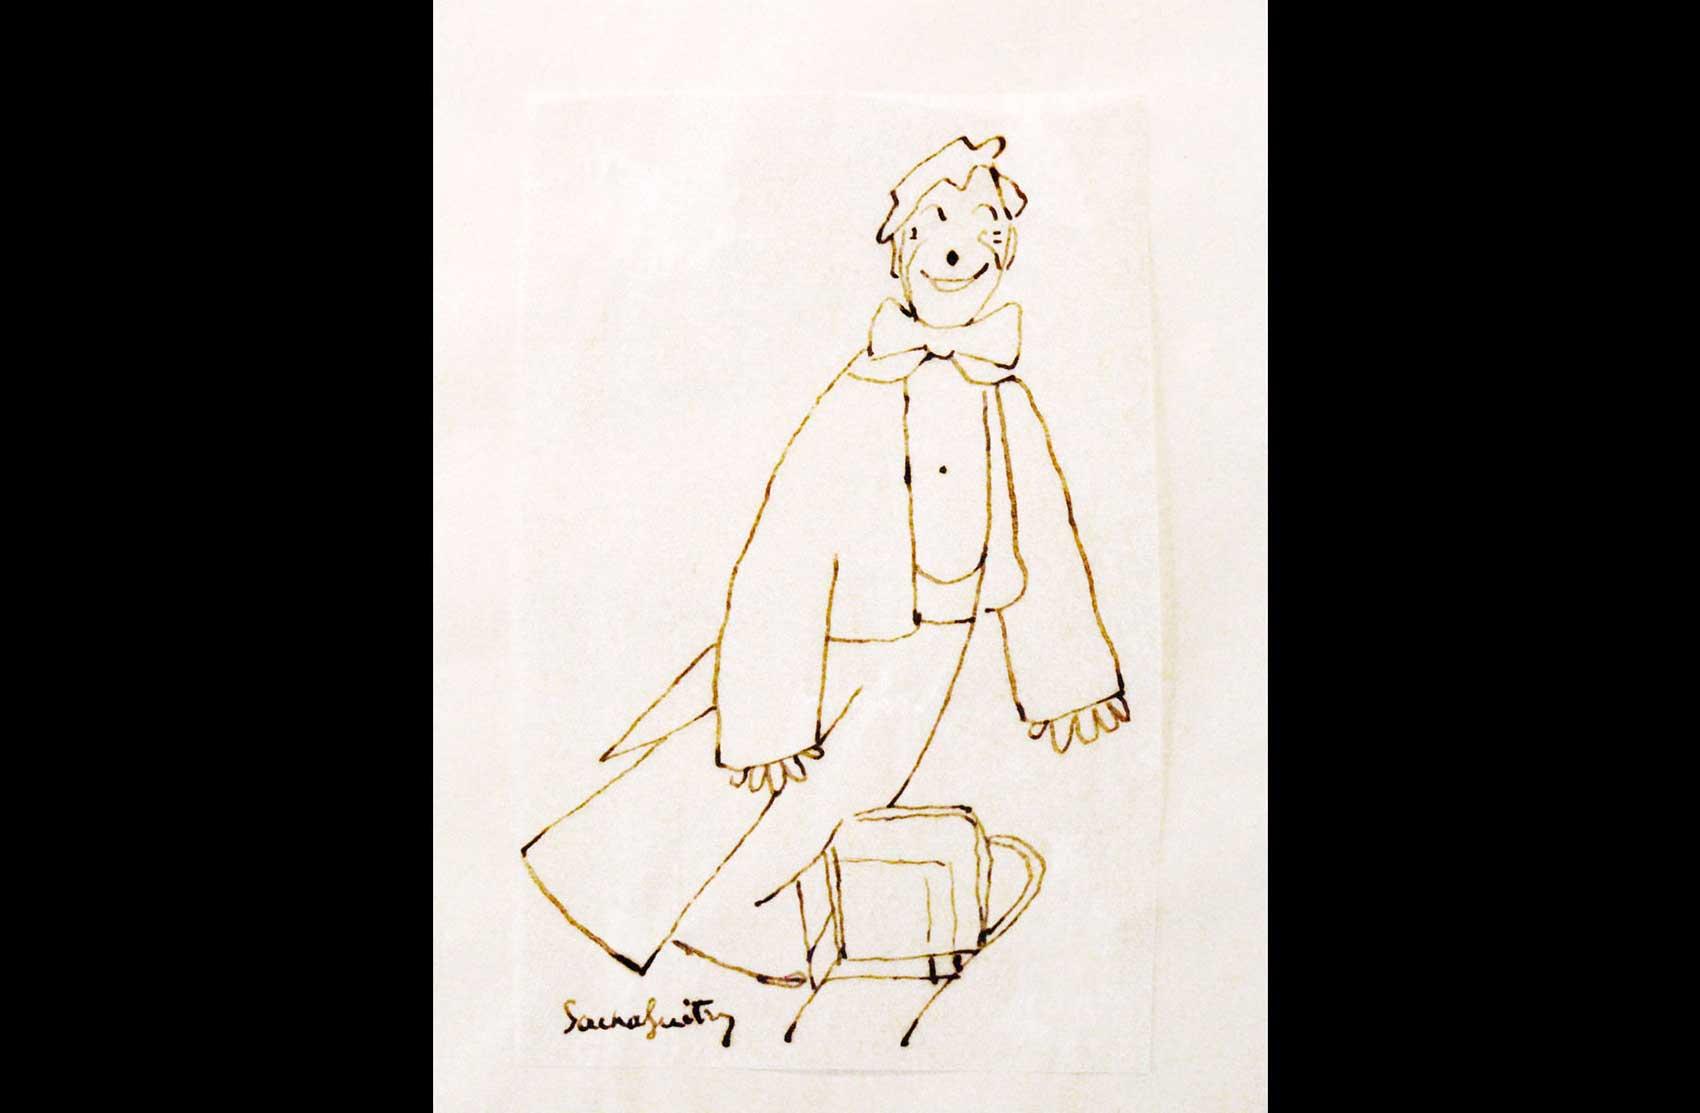 Disegno raffigurante Grock del celebre commediografo Sacha Guitry · Collezione privata Dr Alain Frèr